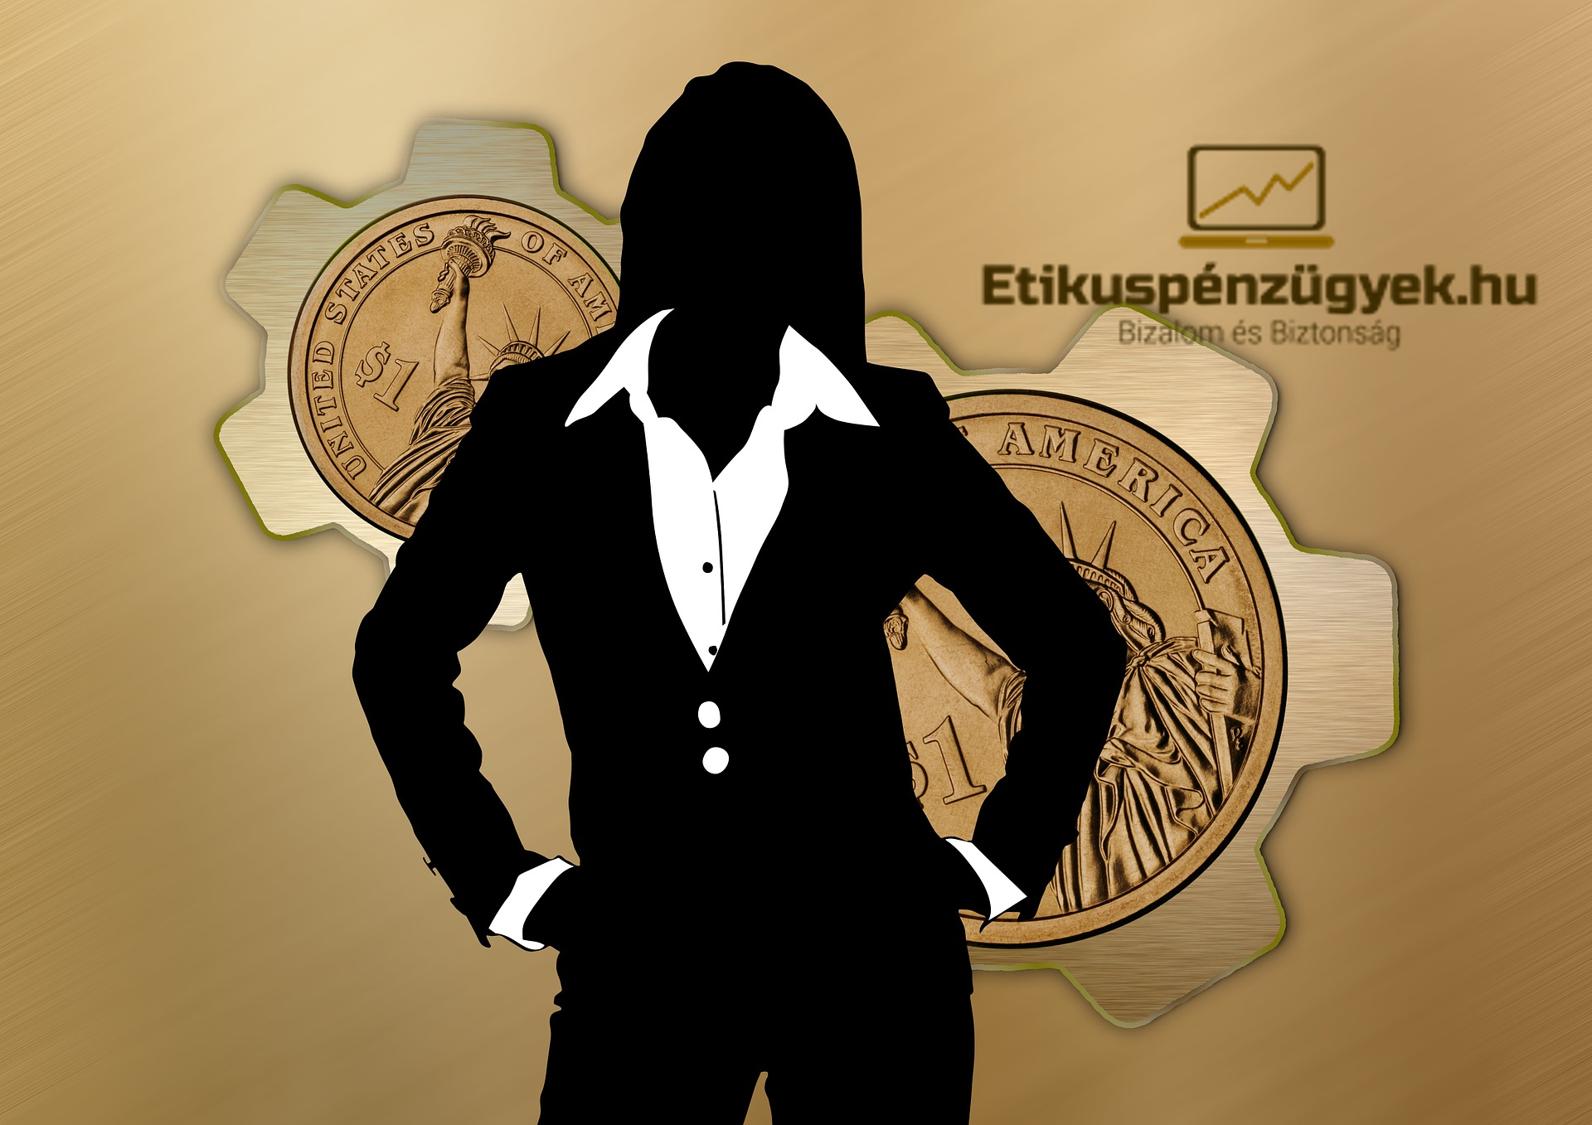 Interjú velem a pénzügyi tanácsadók munkájáról